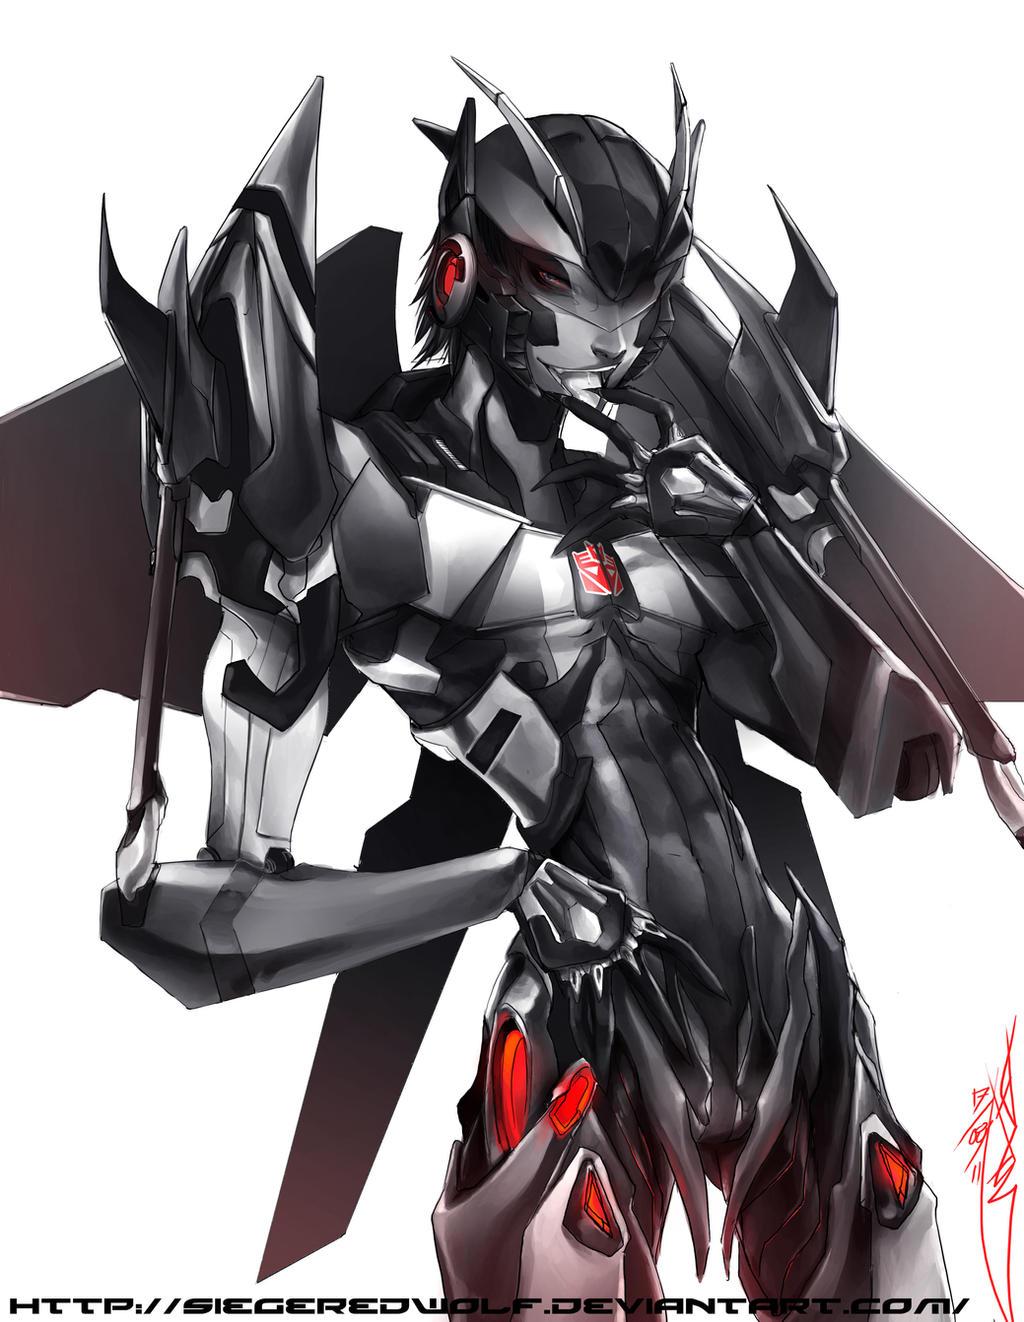 Transformers Sidehaul Mech Boy By Meiphon On Deviantart